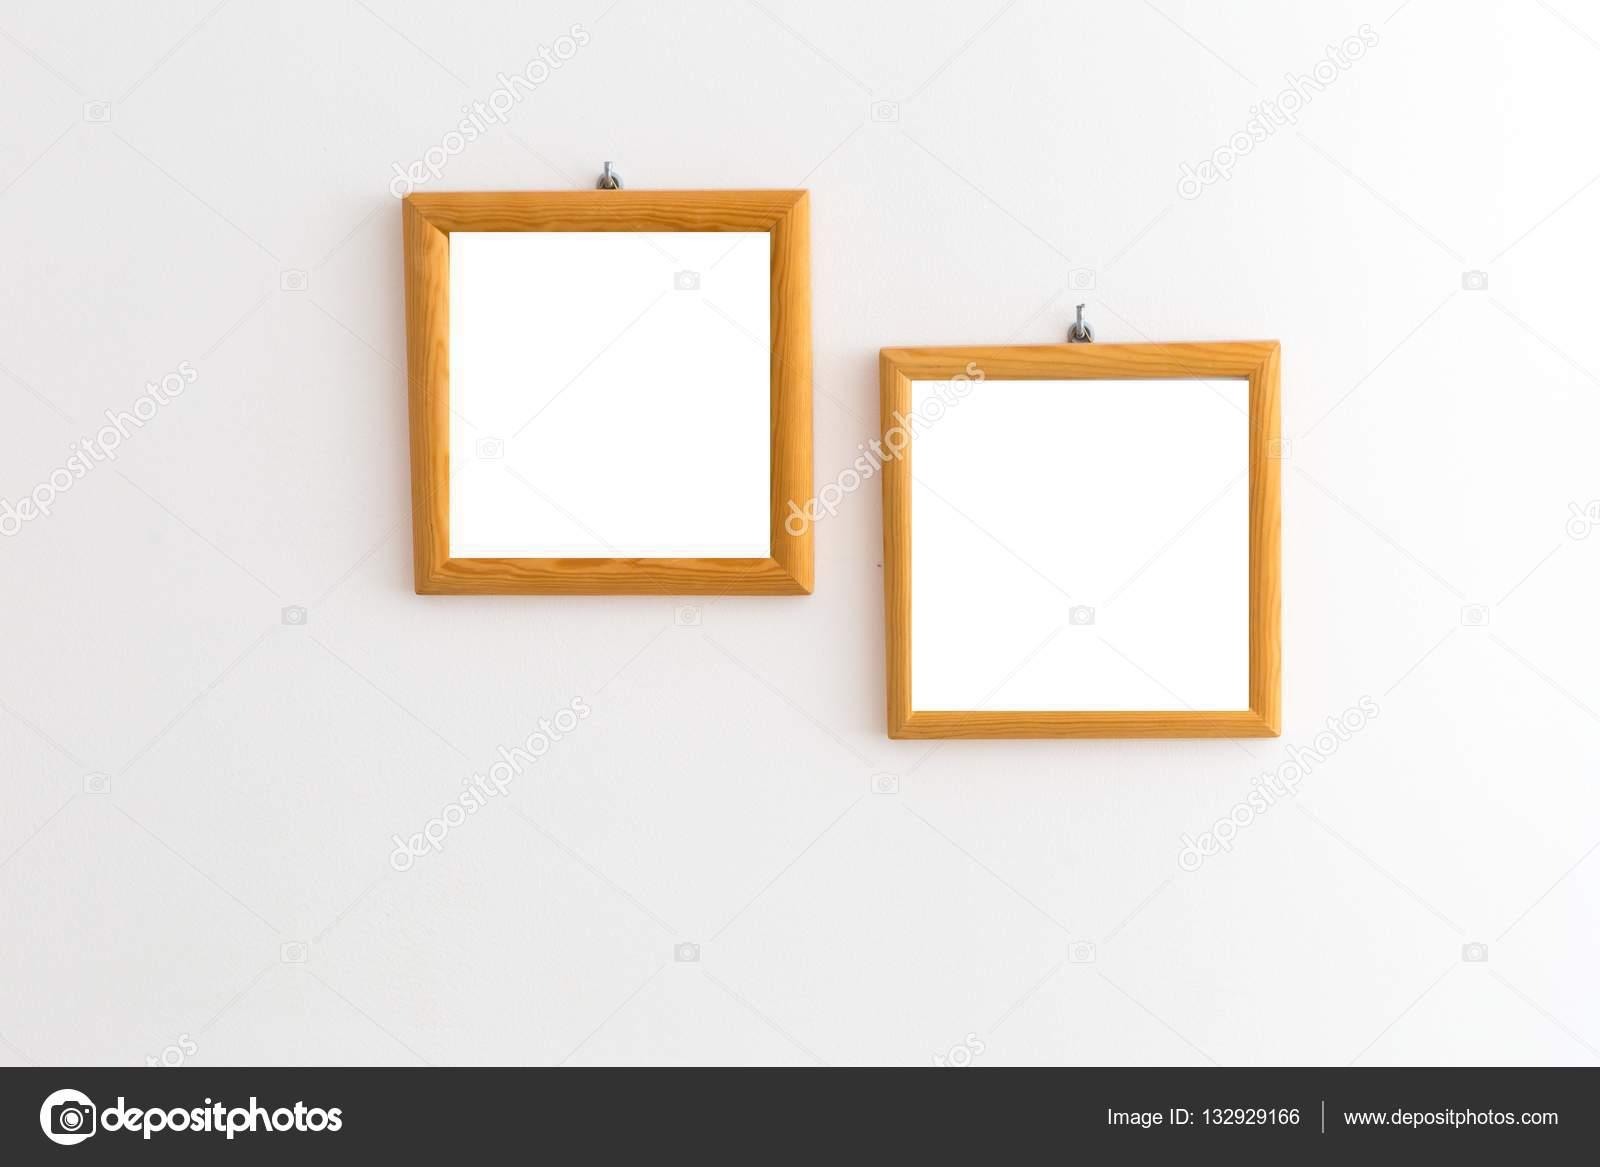 Two Wooden Frames On White Wall Stock Photo Milosz 132929166